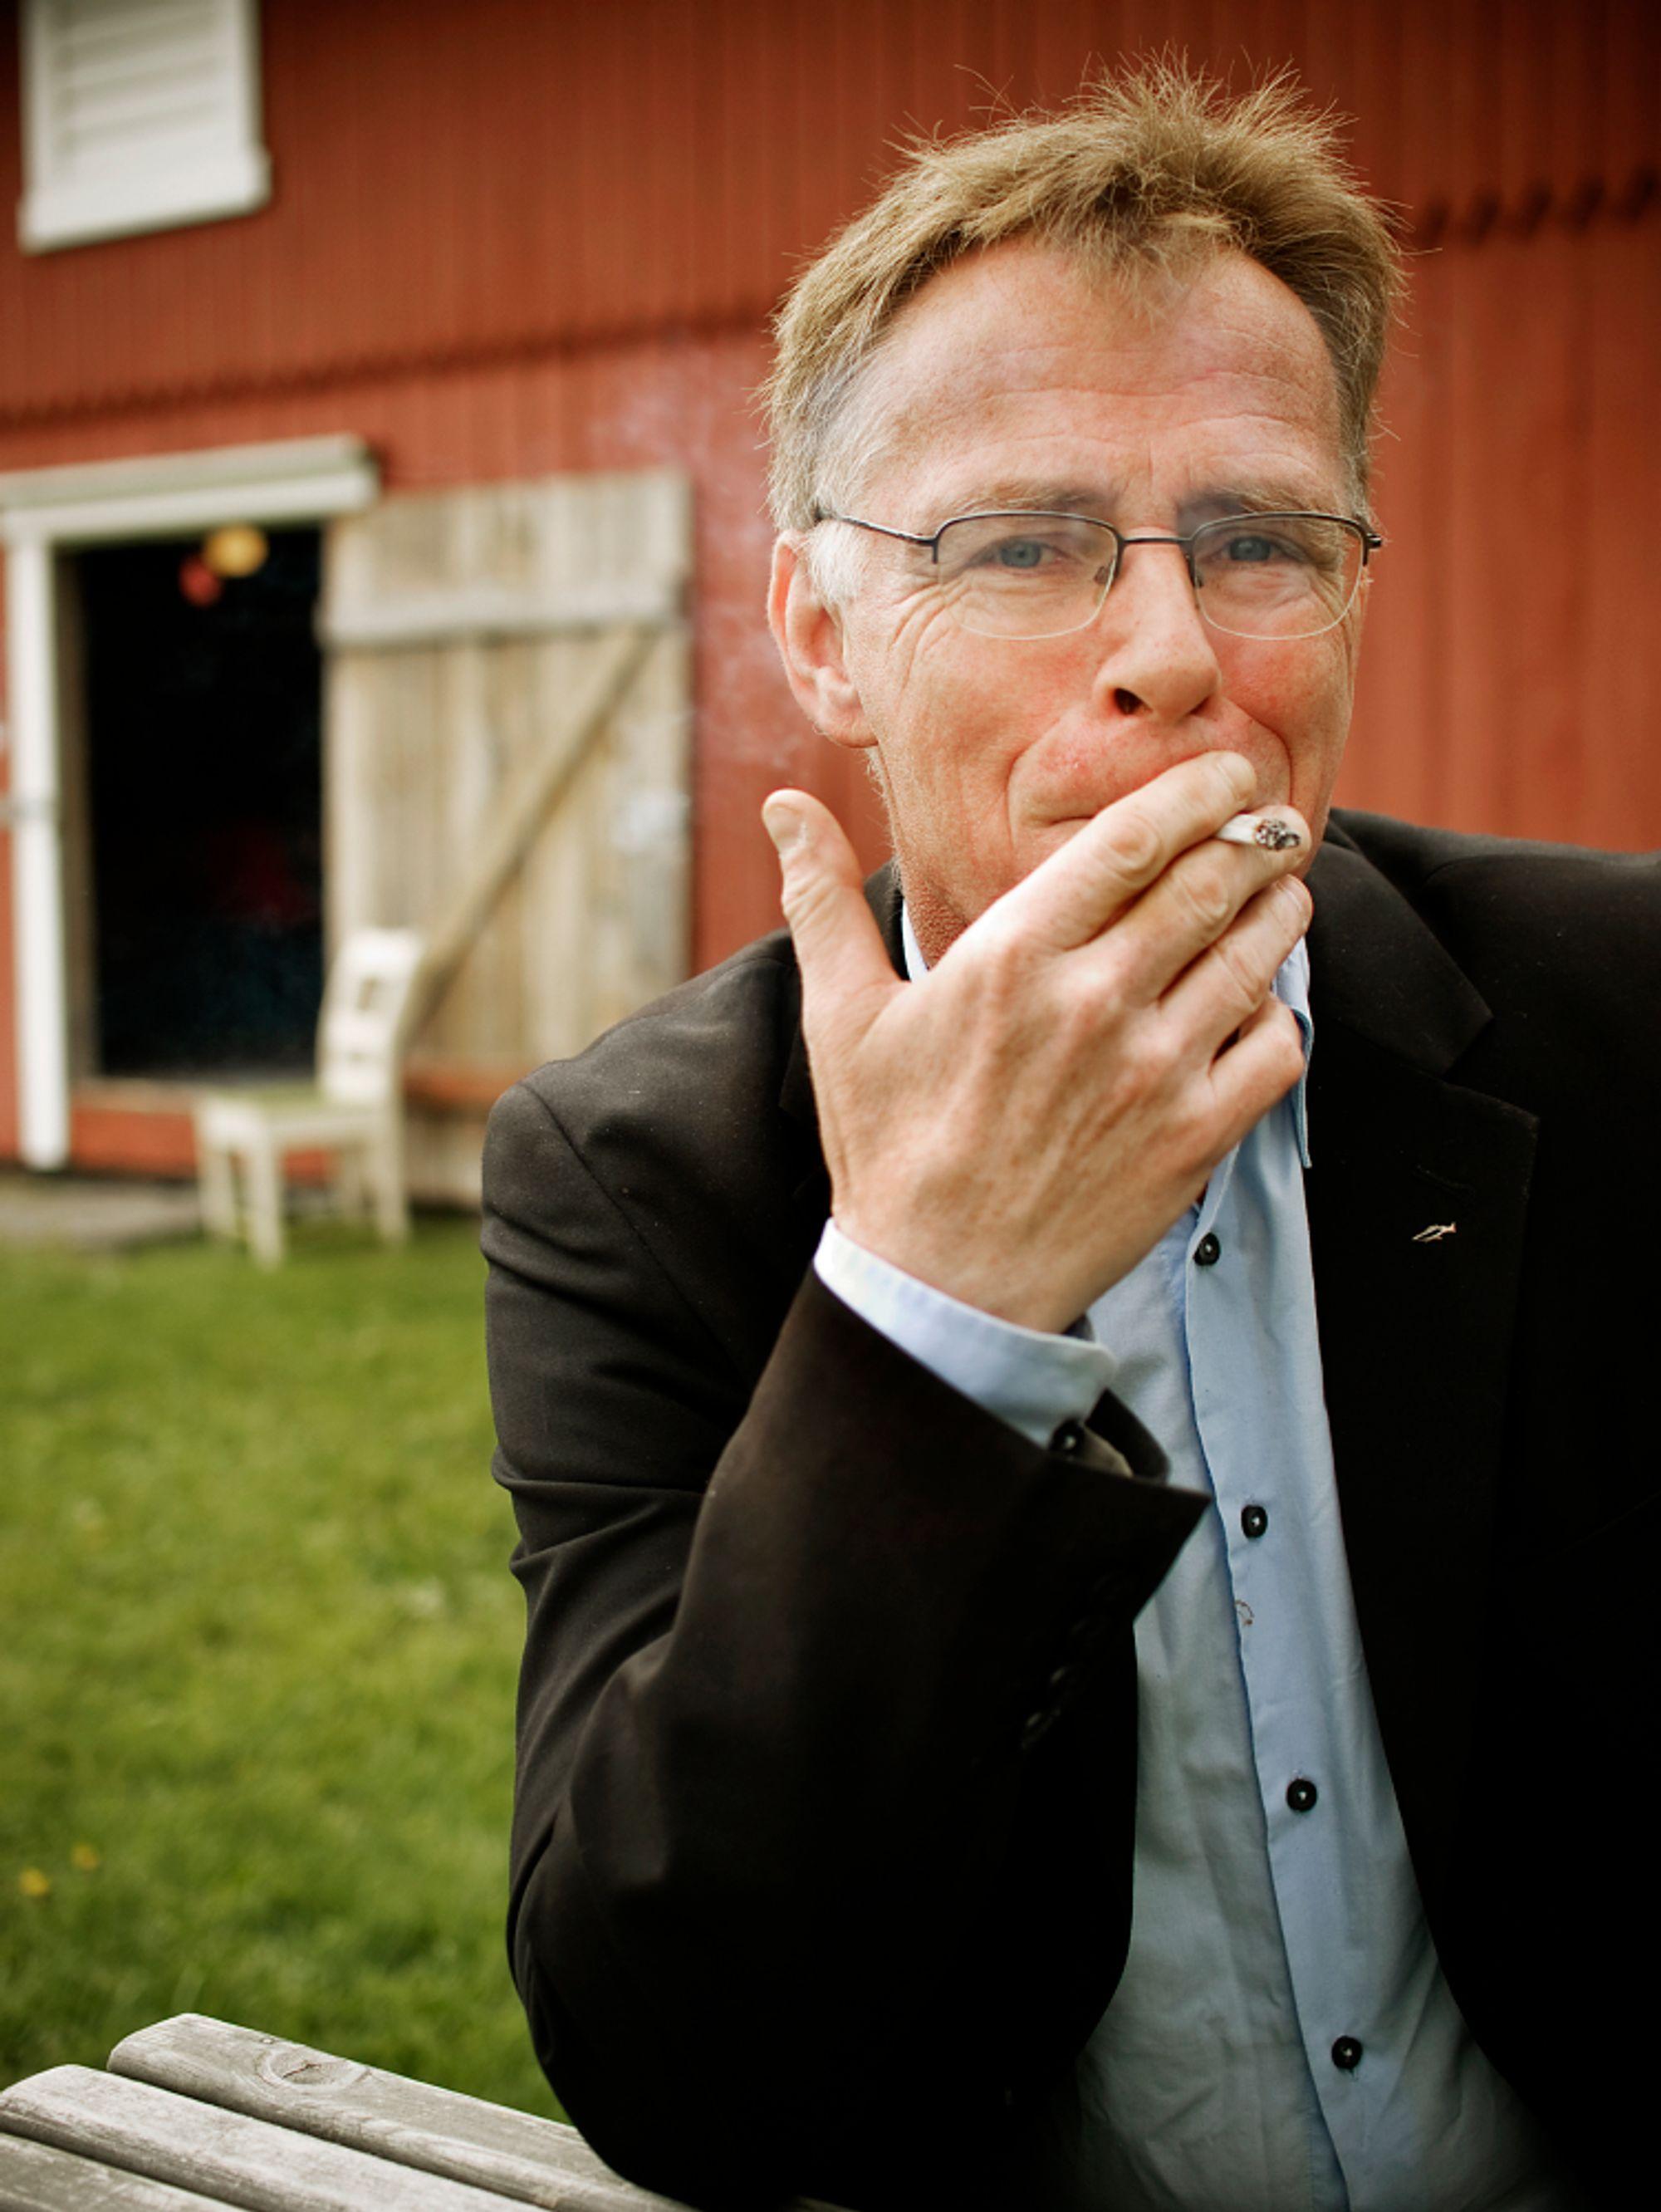 Fotograf Rune Johansen har knapt bytter blender, lukkertid eller ASA-verdi på mange år. Foto: Simon Aldra